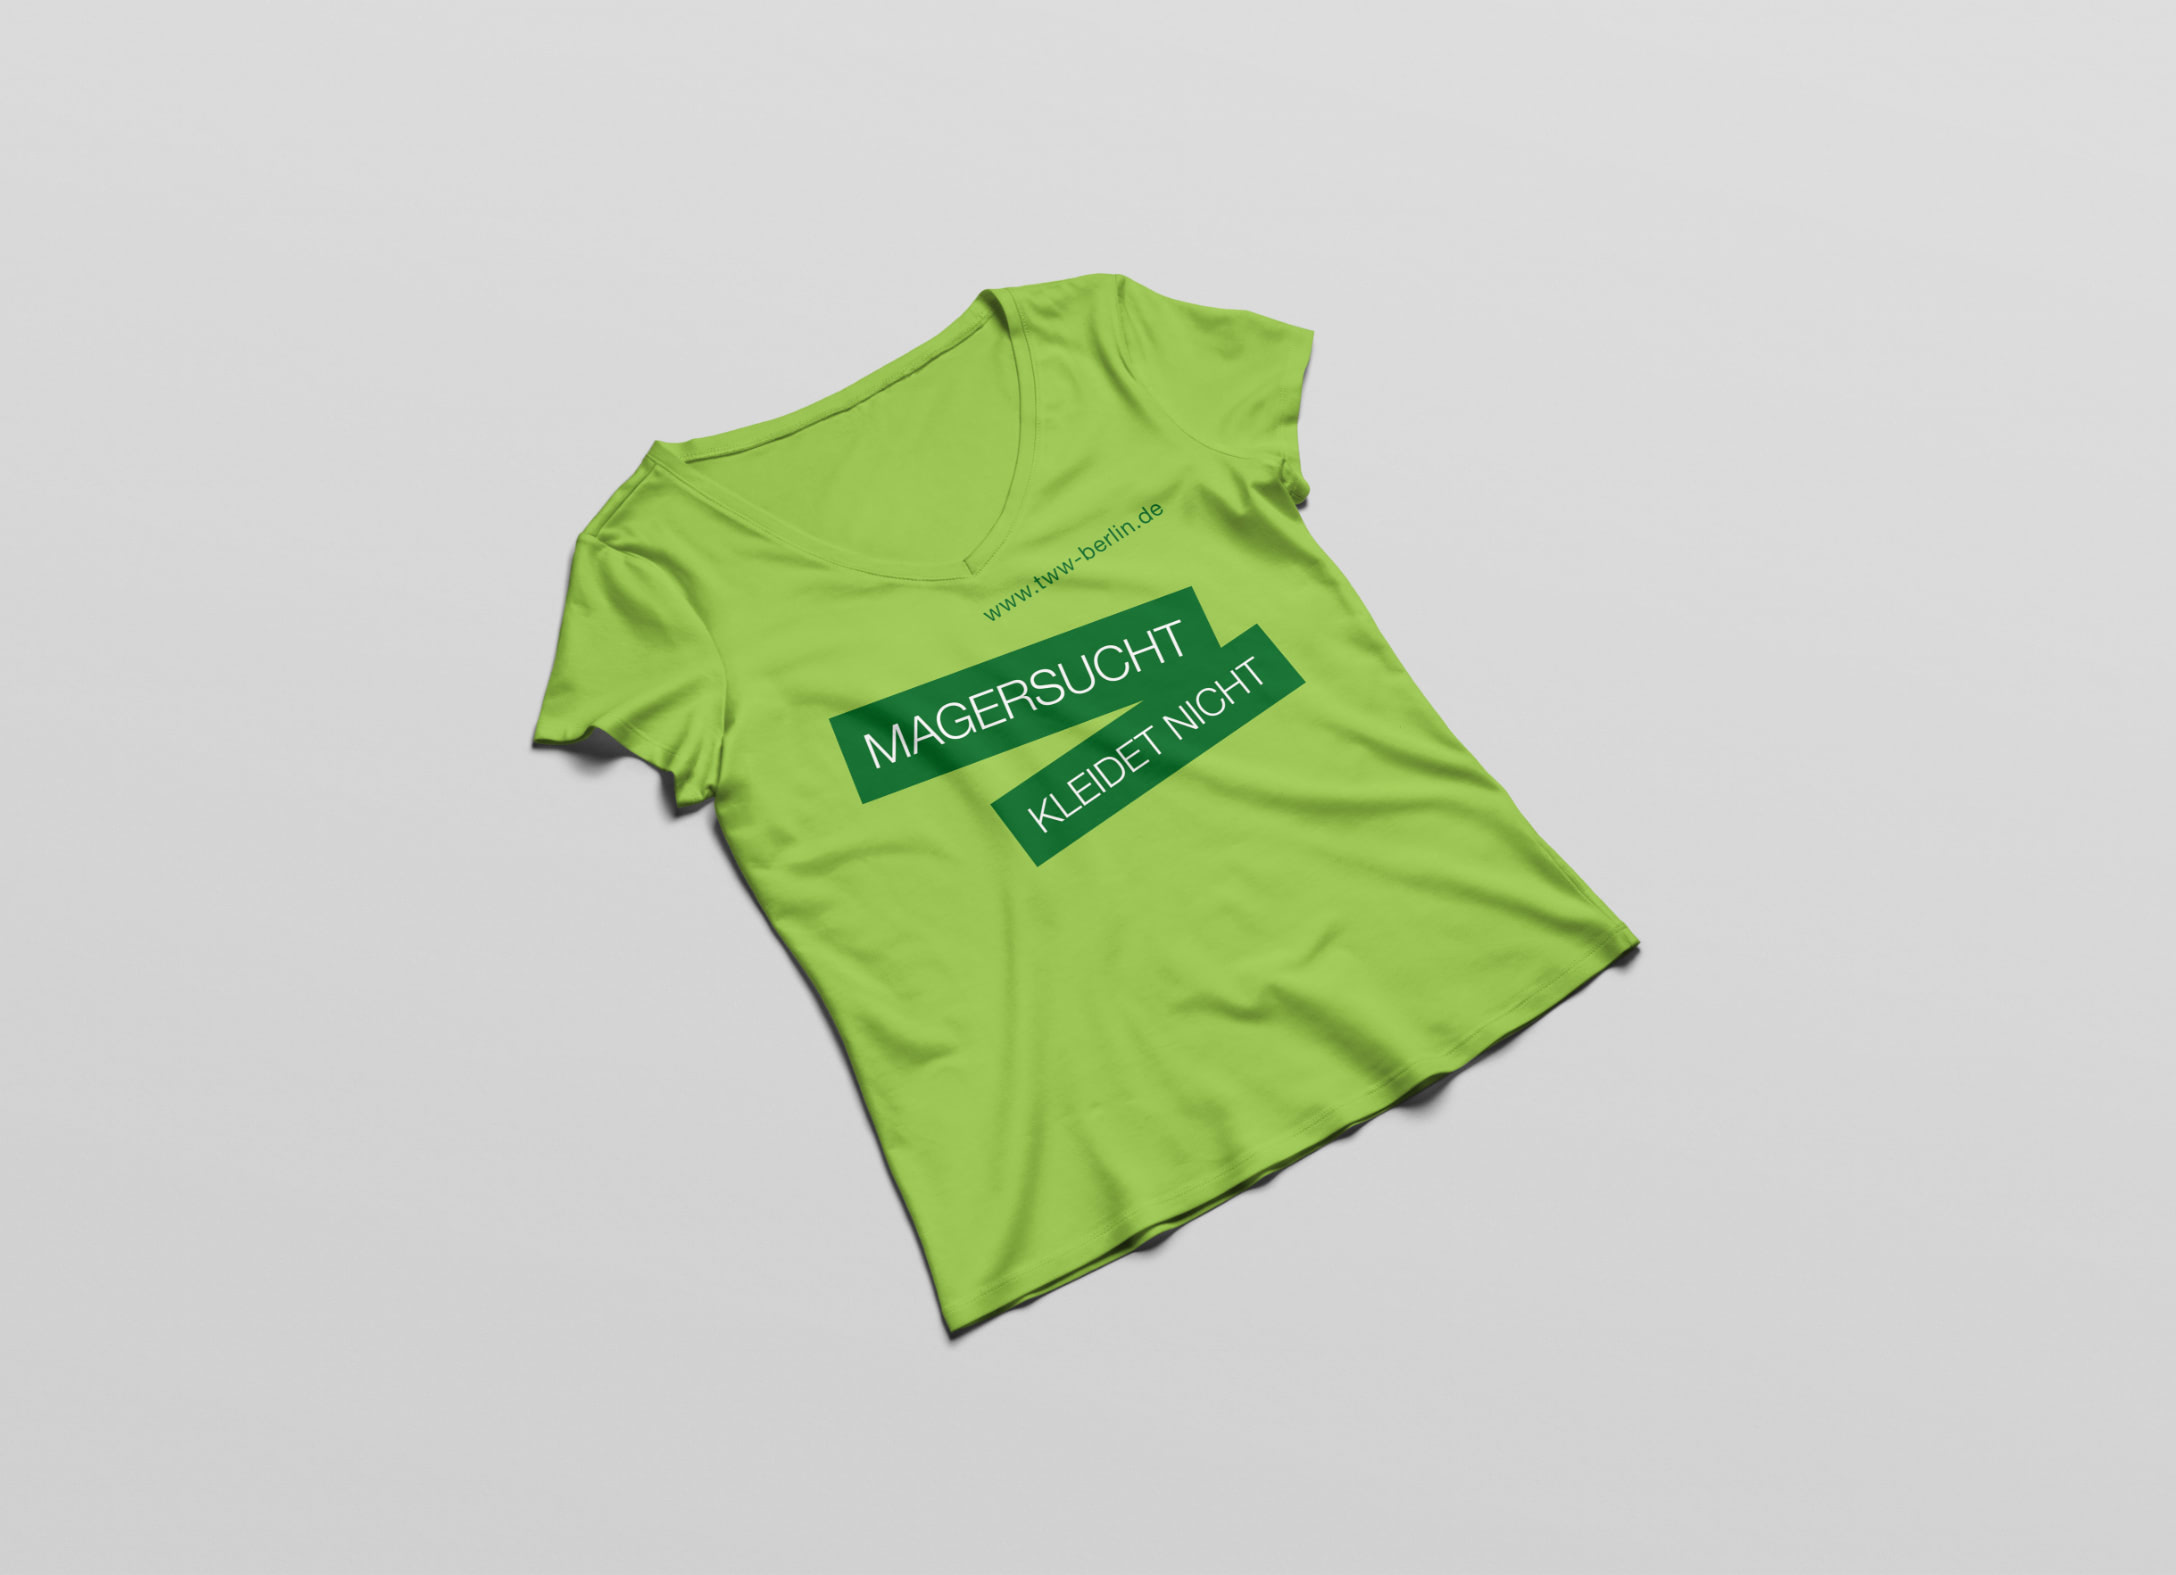 Ansicht eines grünen T-Shirts mit einem Aufdruck des Claims der Aufklärungkampagne Magersucht der Healthcare Werbeagentur mcs